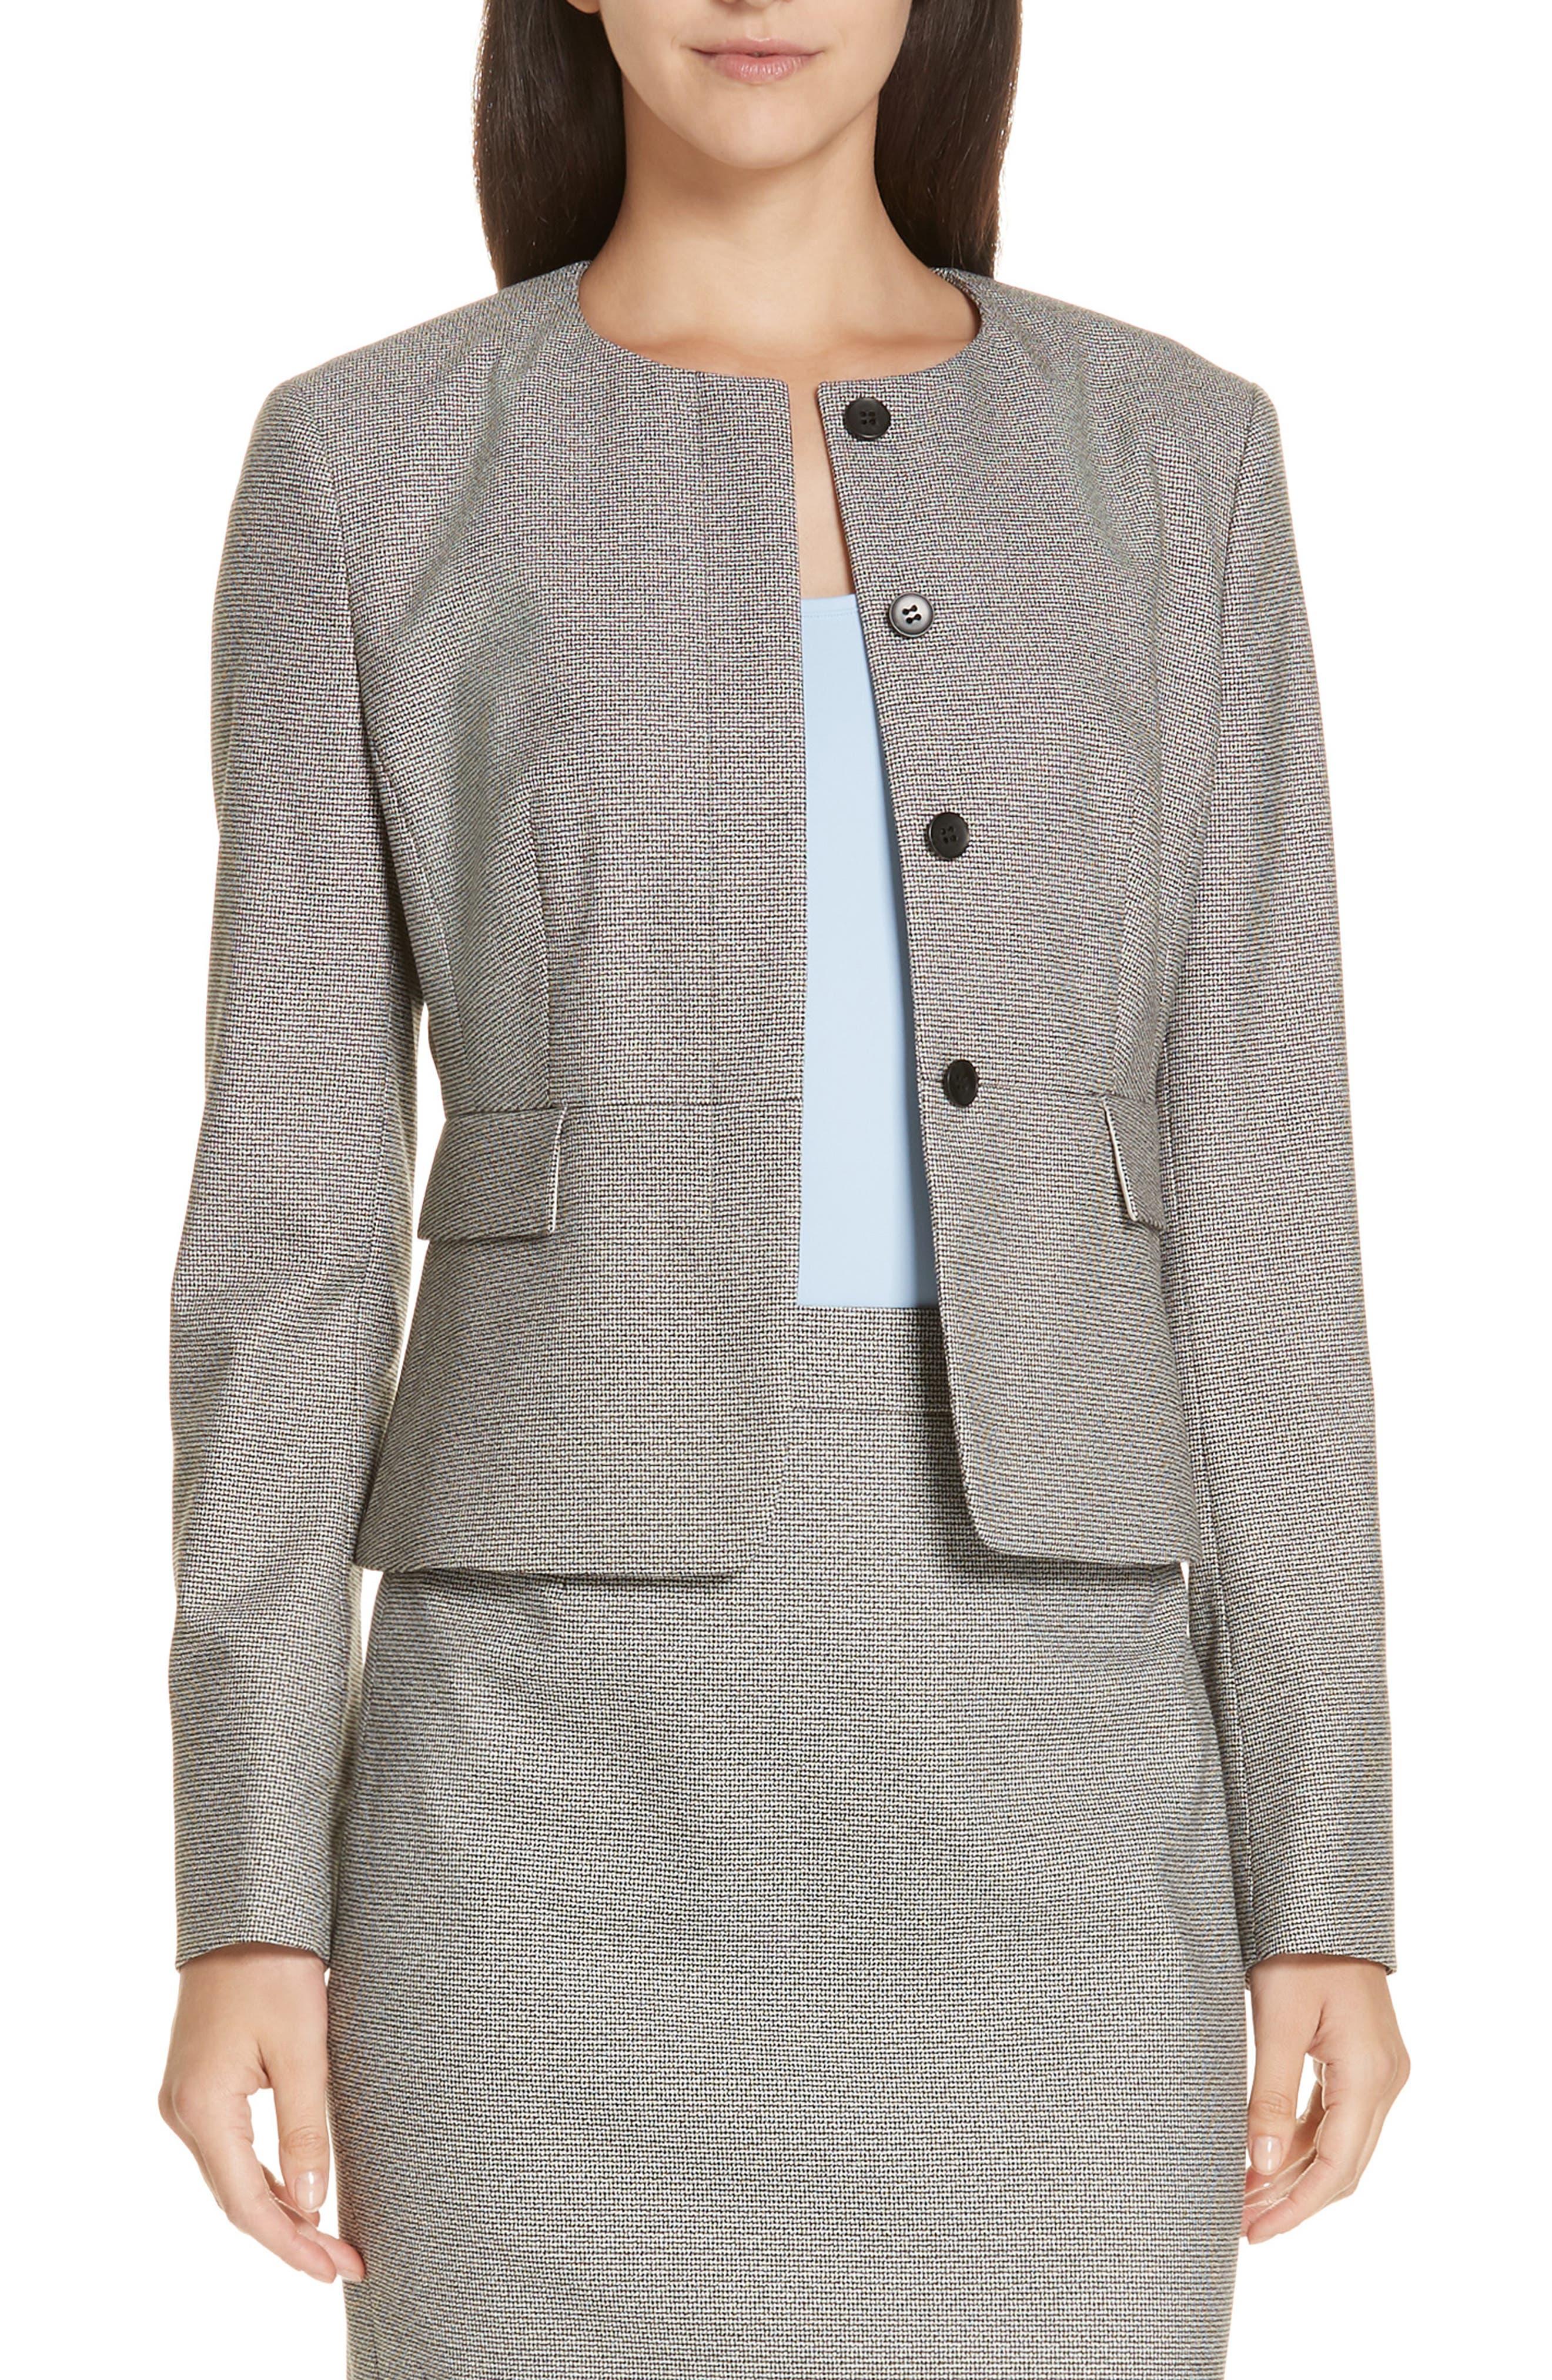 Jokile Suit Jacket,                         Main,                         color, BLACK FANTASY